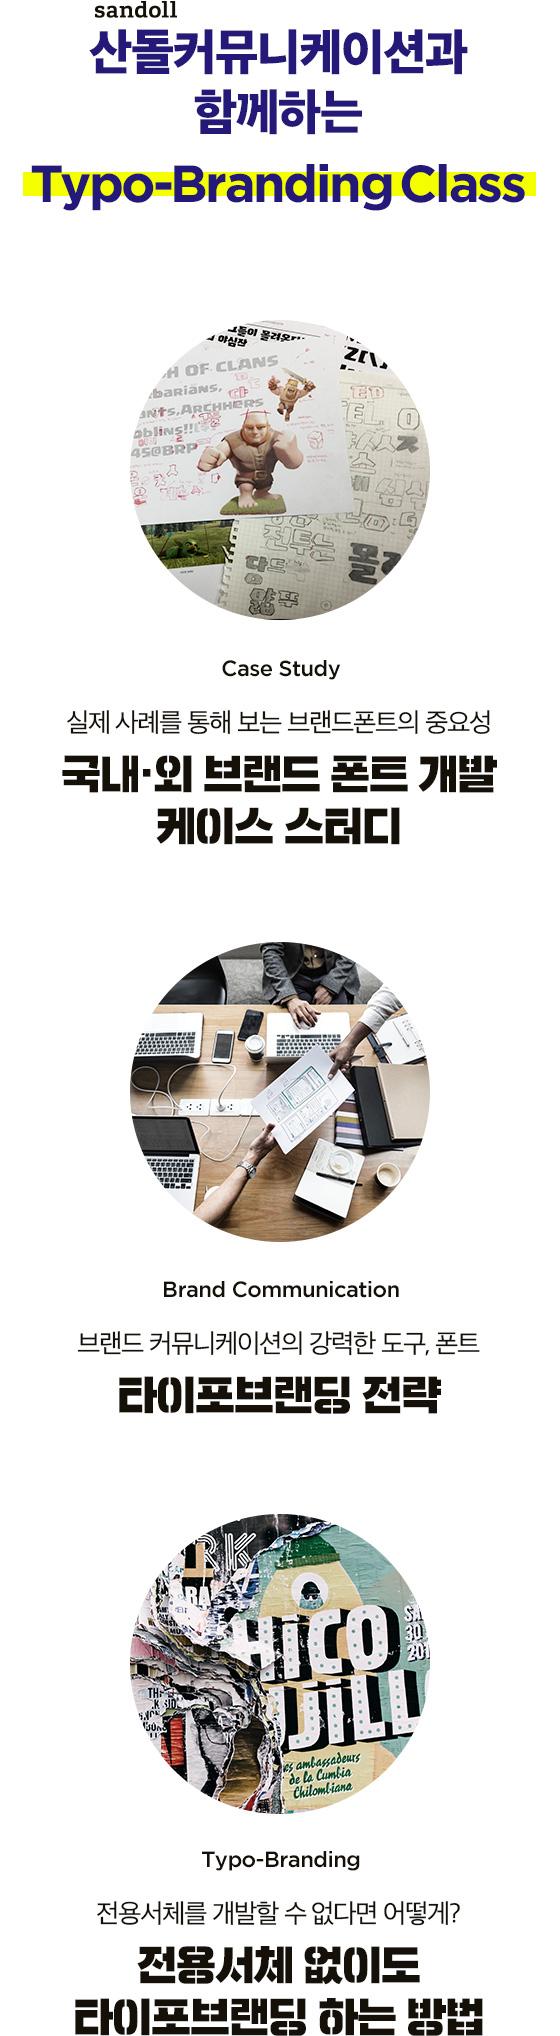 산돌커뮤니케이션과 함께하는 Typo-Brandin g Class